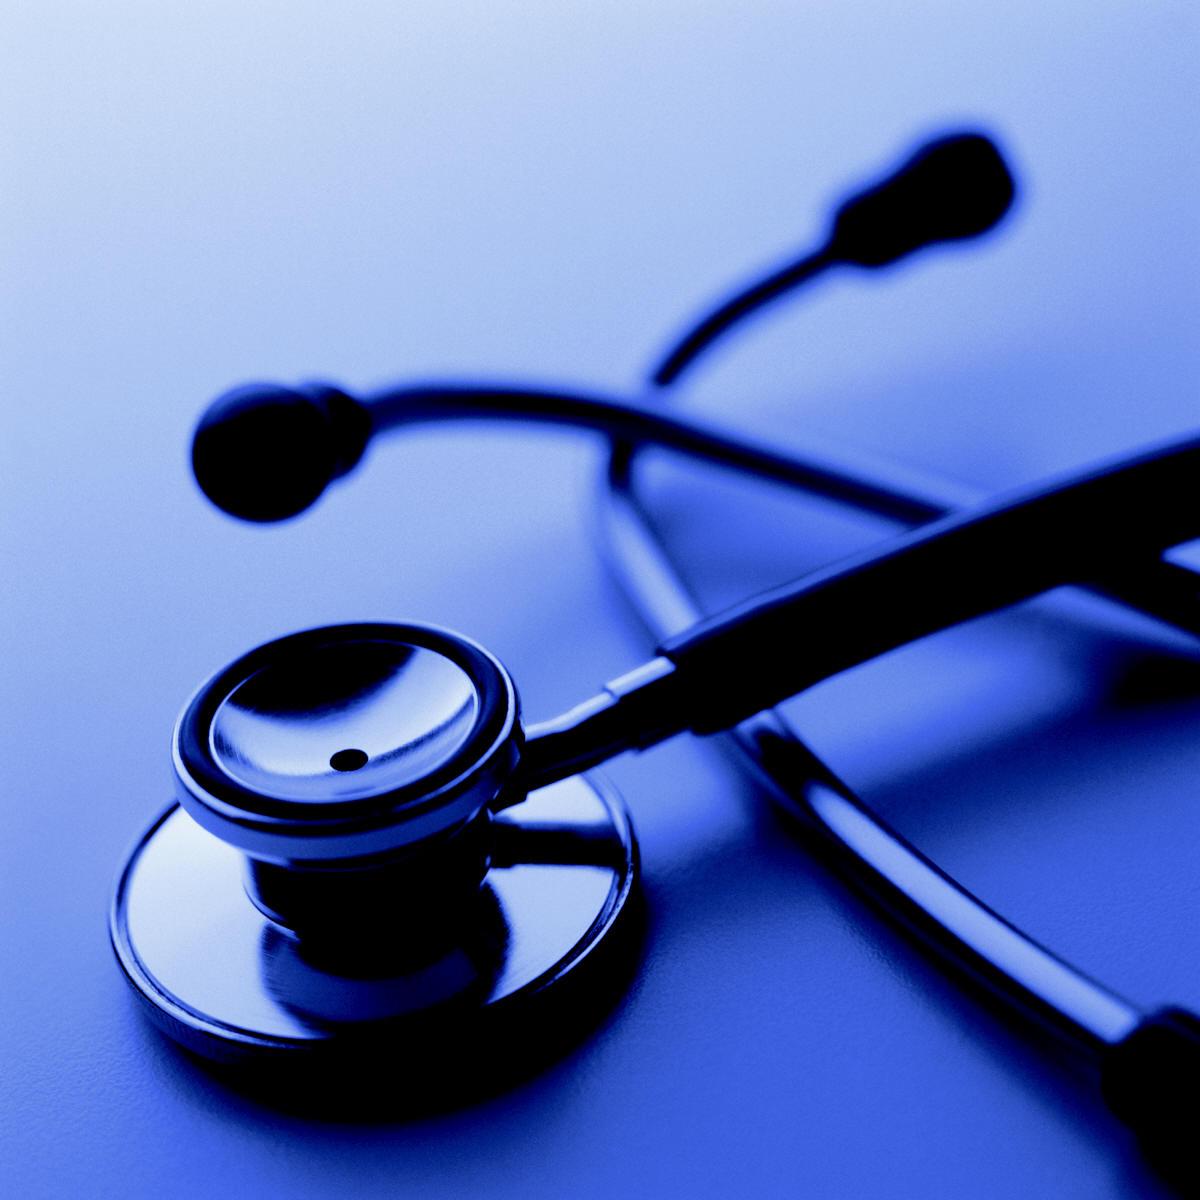 Cancro alla tiroide, 9 diagnosi su 10 sono inutili, persino dannose